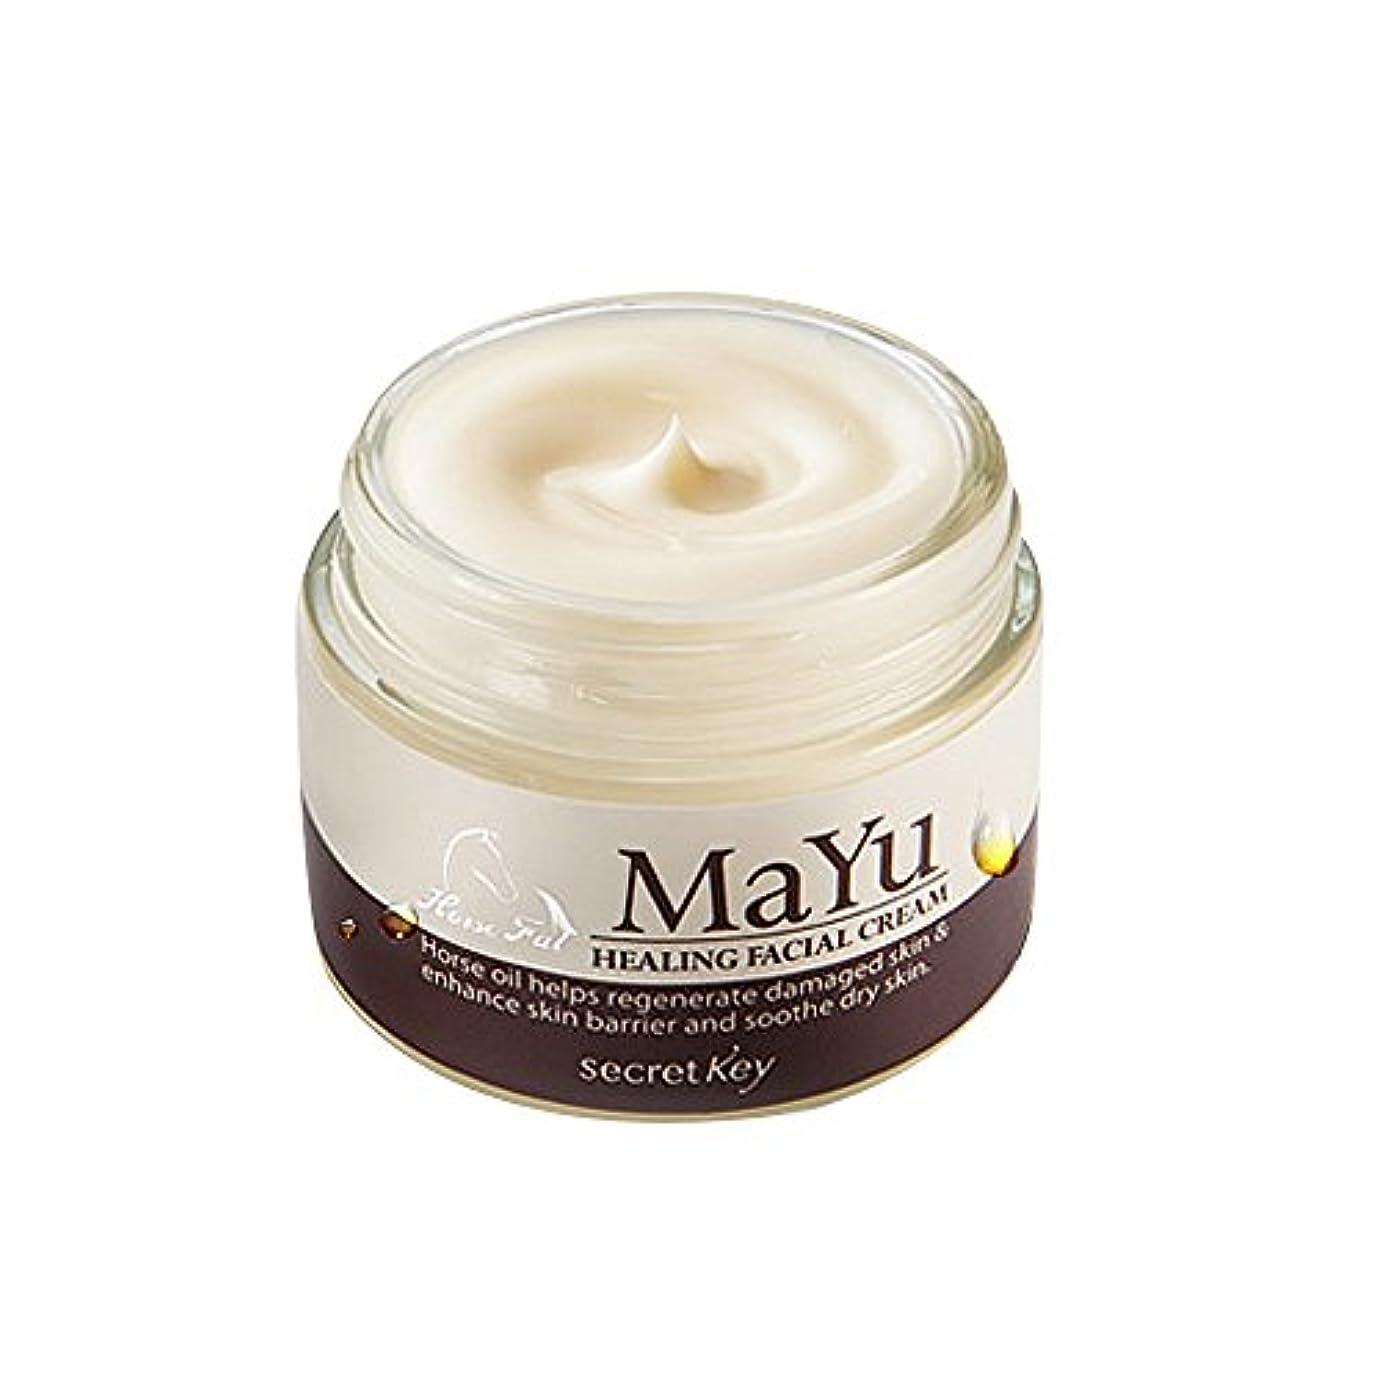 保険作成する本土[シークレットキー]Secretkey 馬油ヒーリングフェイシャルクリーム70g 海外直送品 Mayu Healing Facial Cream 70g